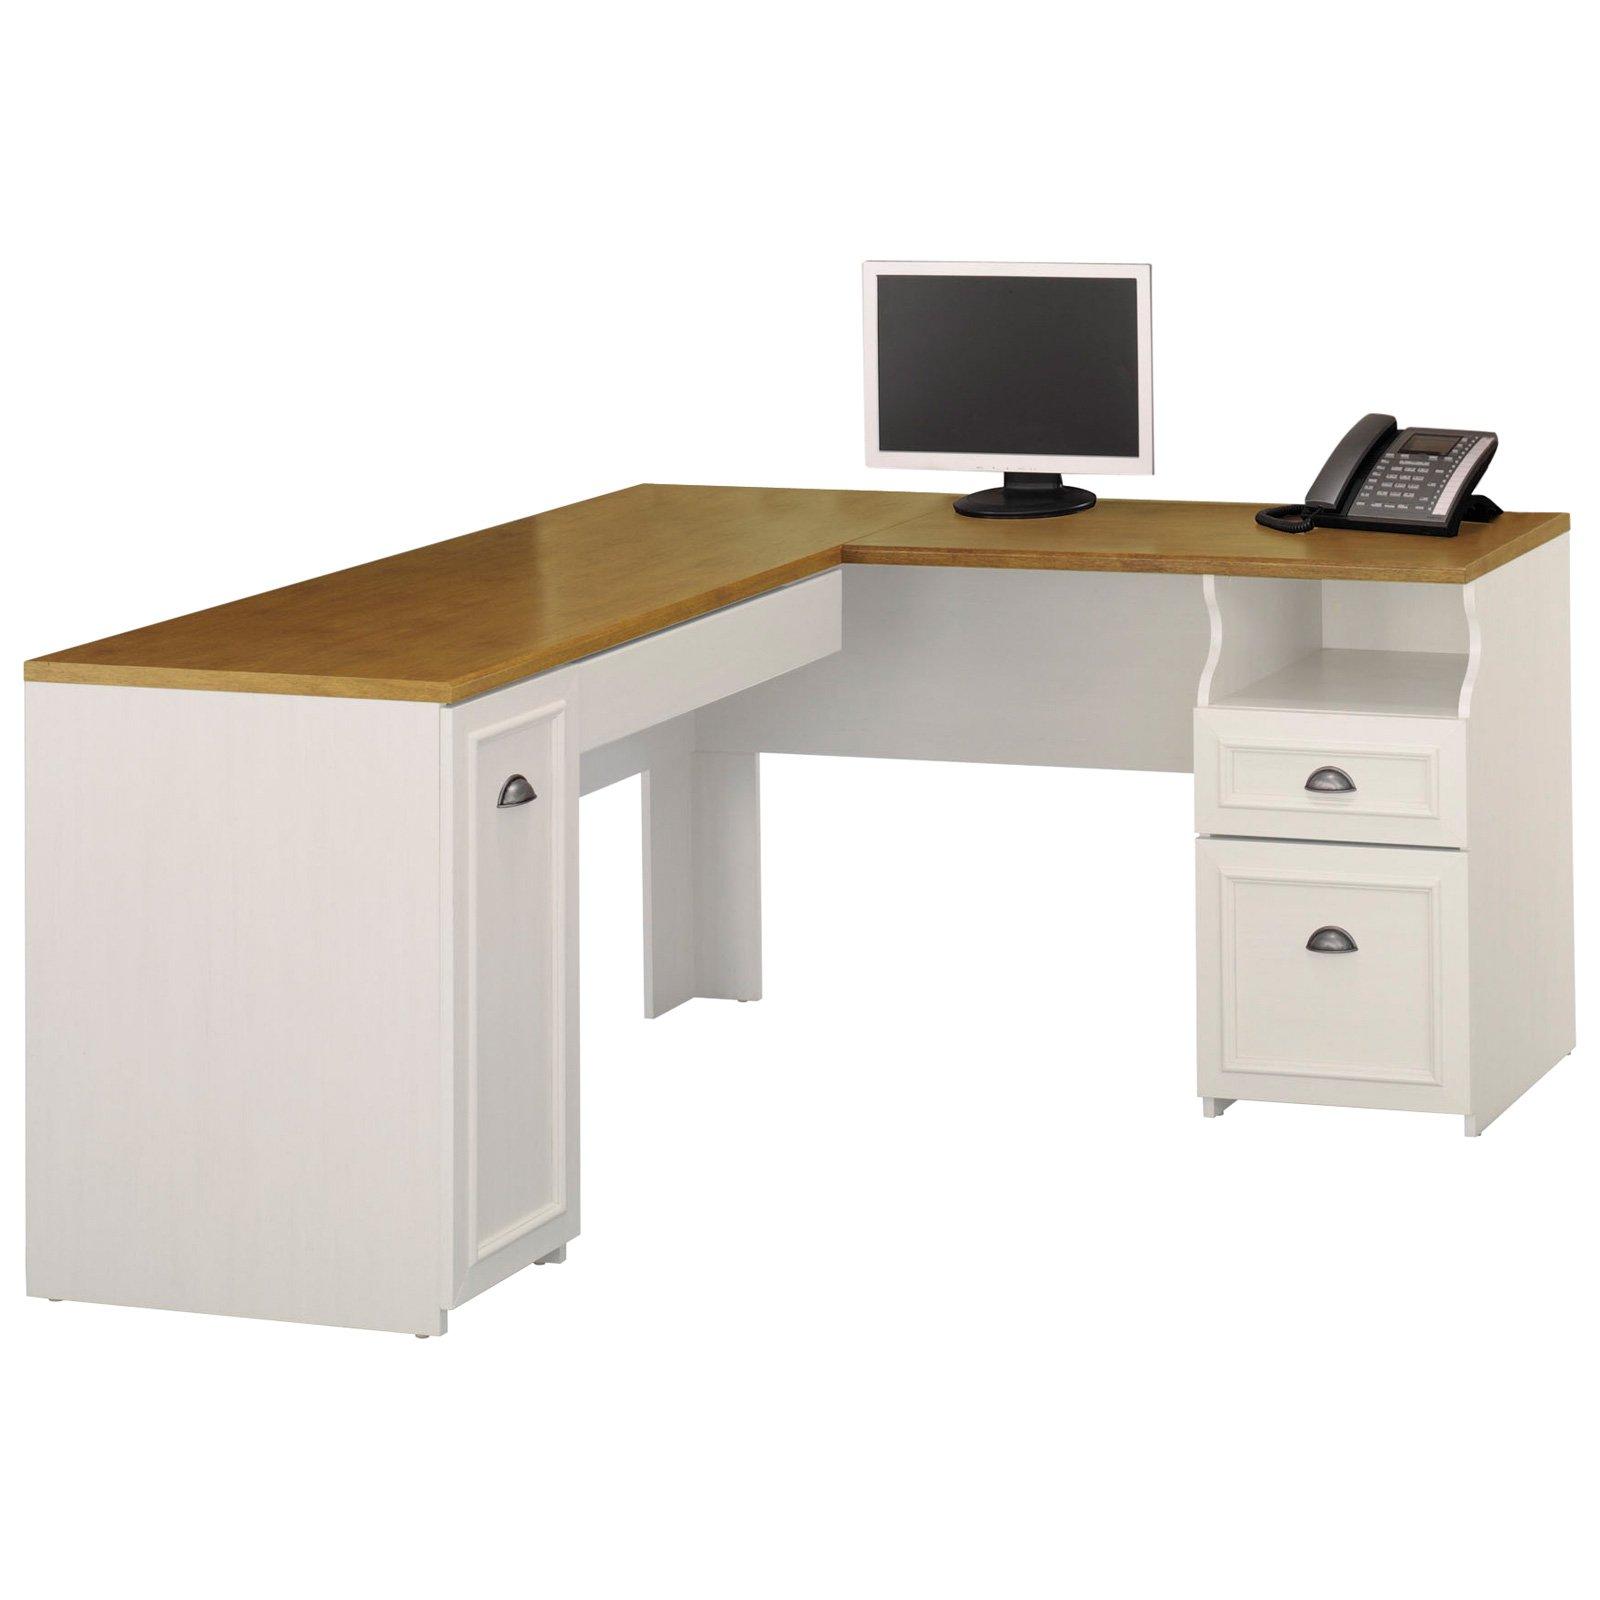 L shaped desk bush fairview l-shaped computer desk with optional hutch - antique white - WEVNUMH